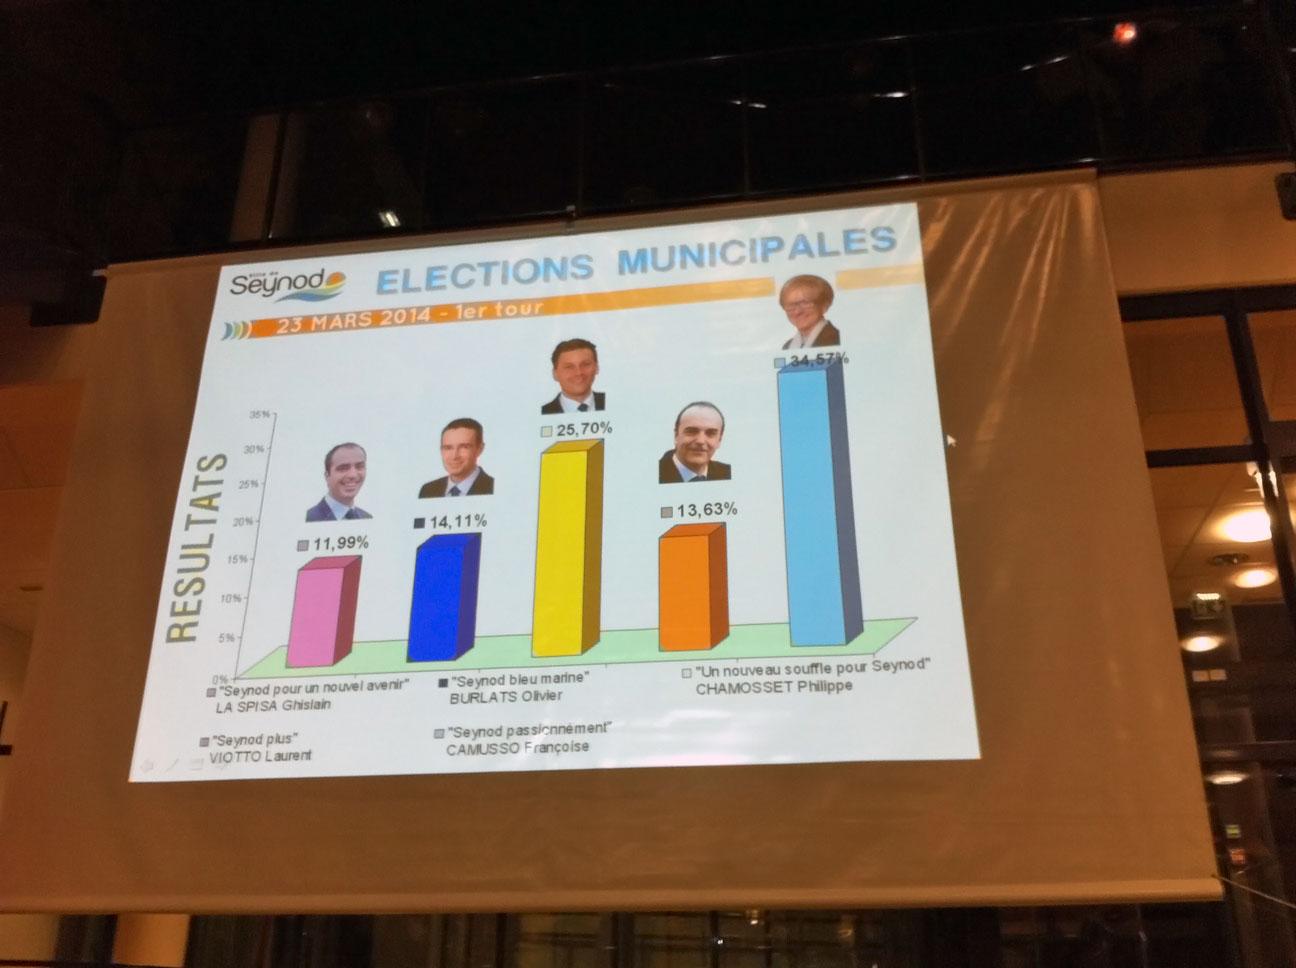 Affichage des résultats à la mairie de Seynod